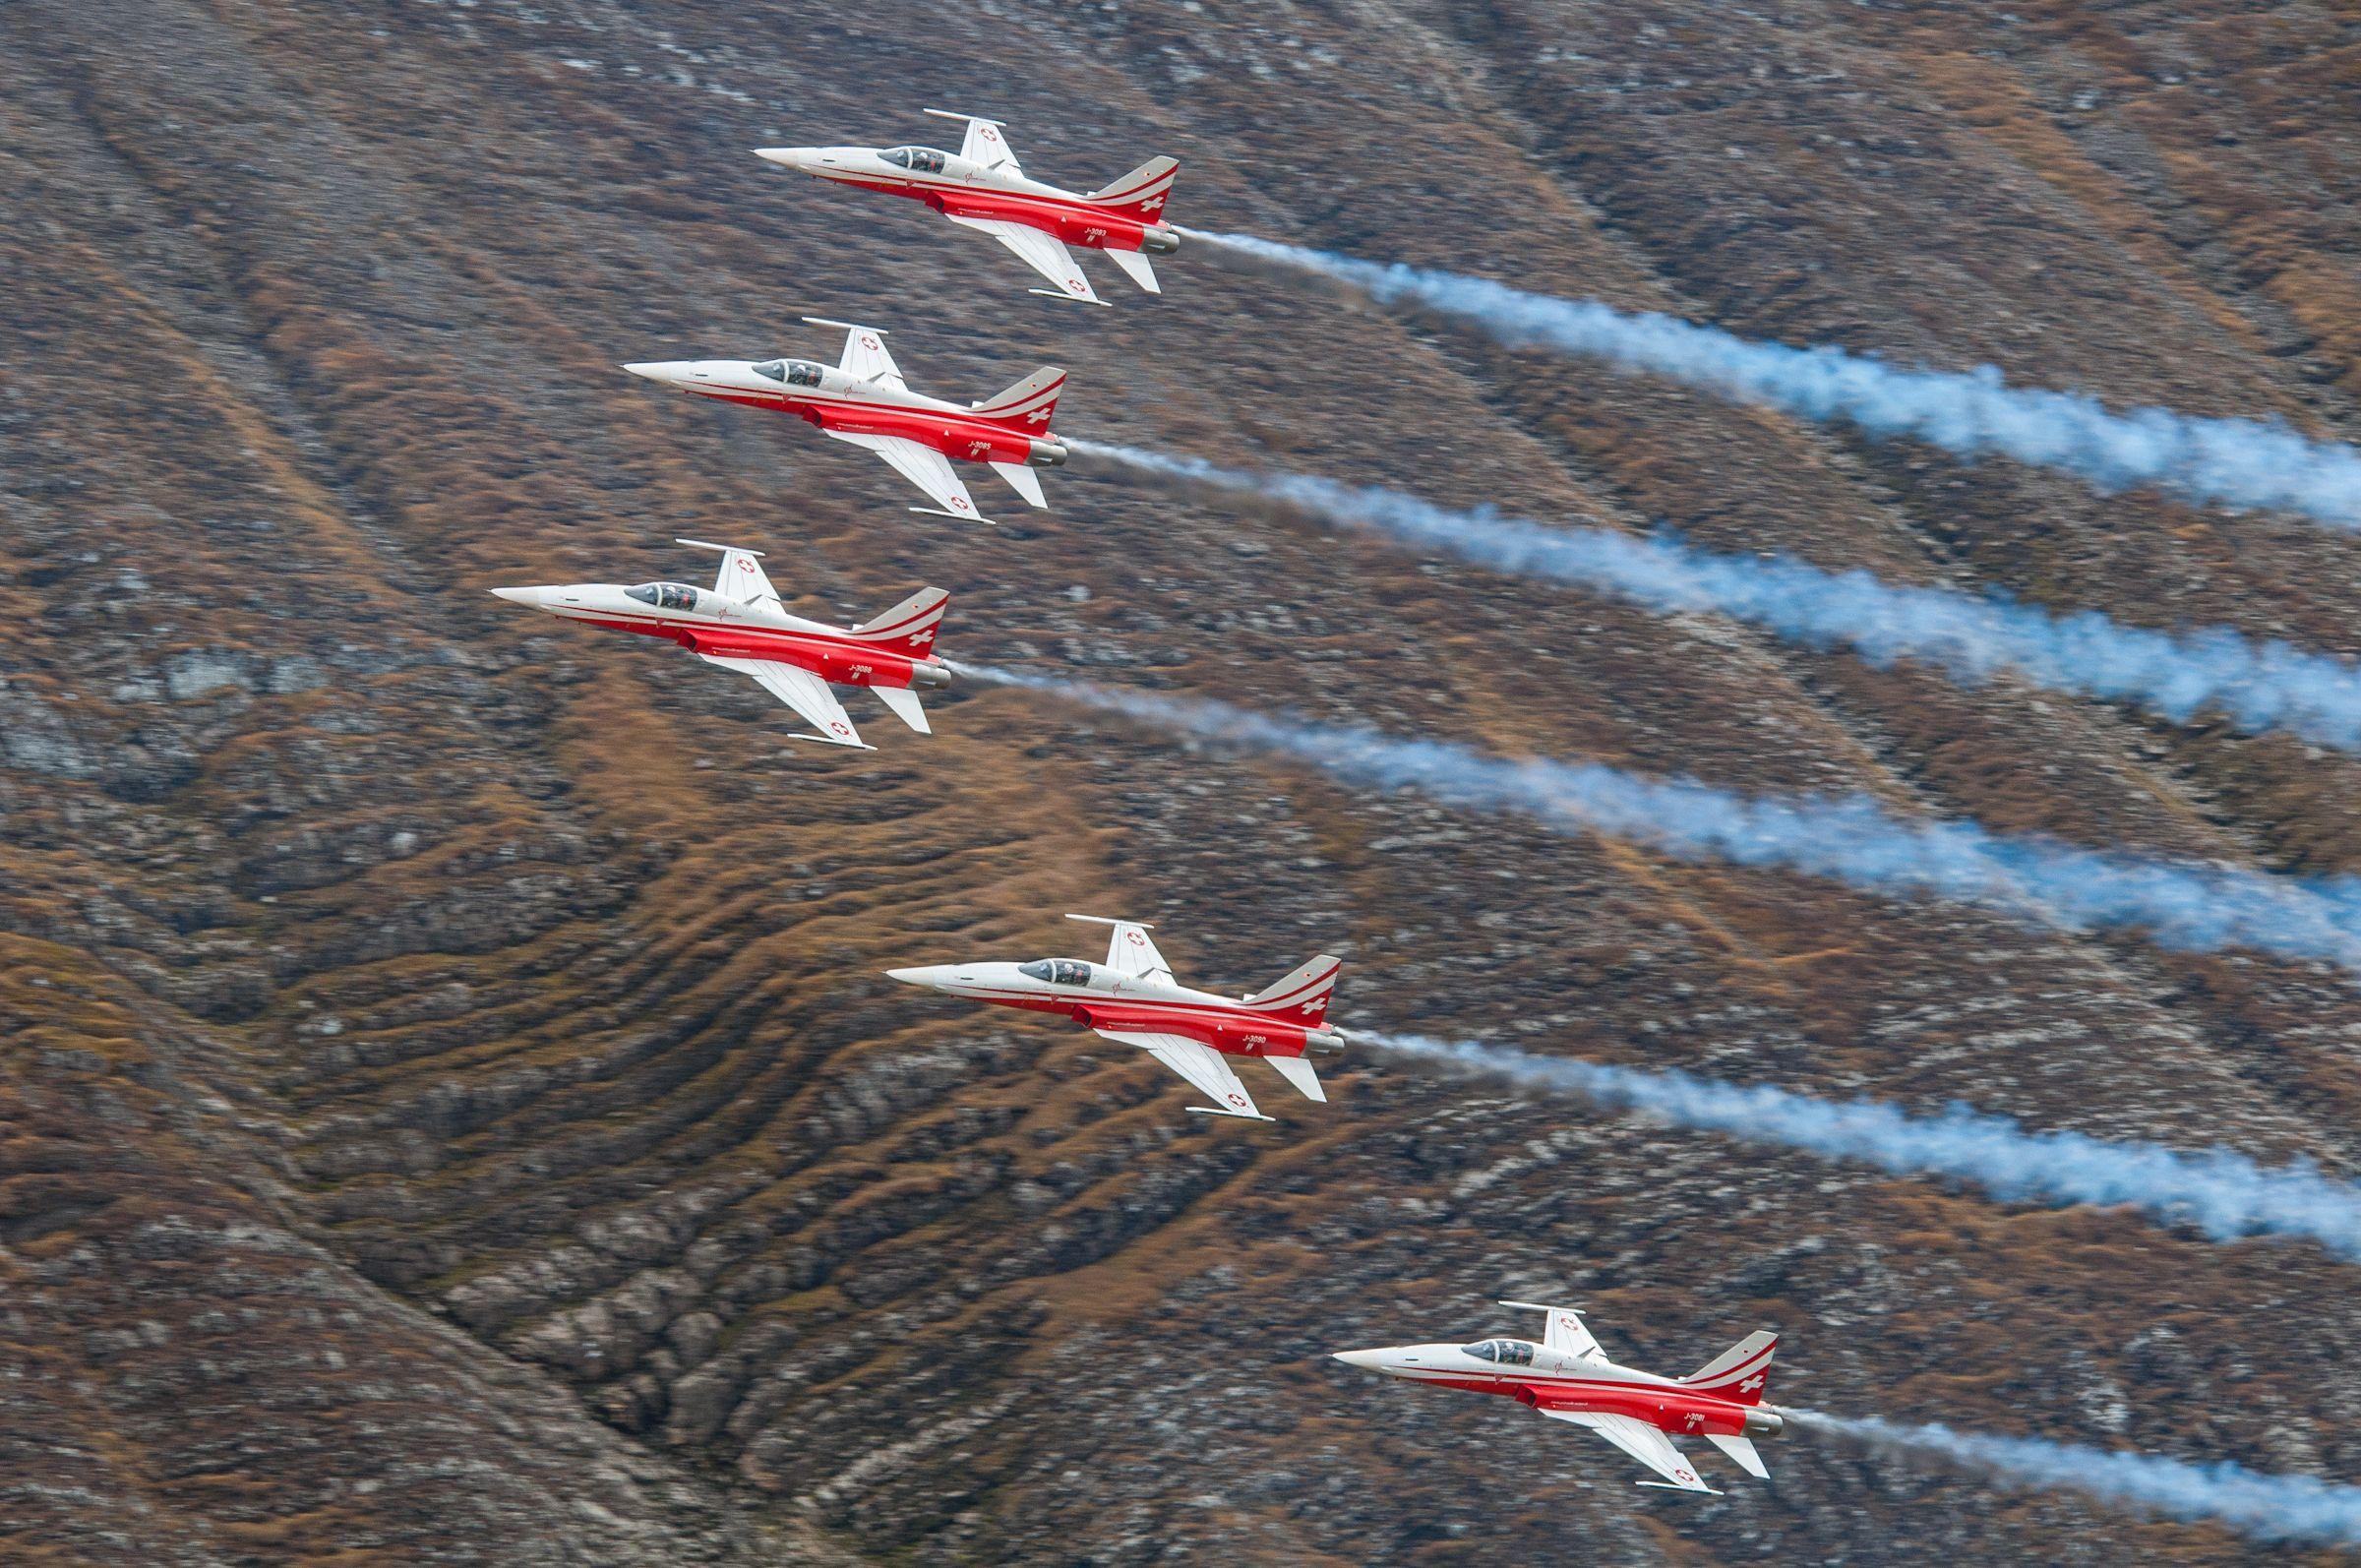 Air force live fire event Axalp 2012 - 10-11 Oct 2012 - Pagina 2 0001115